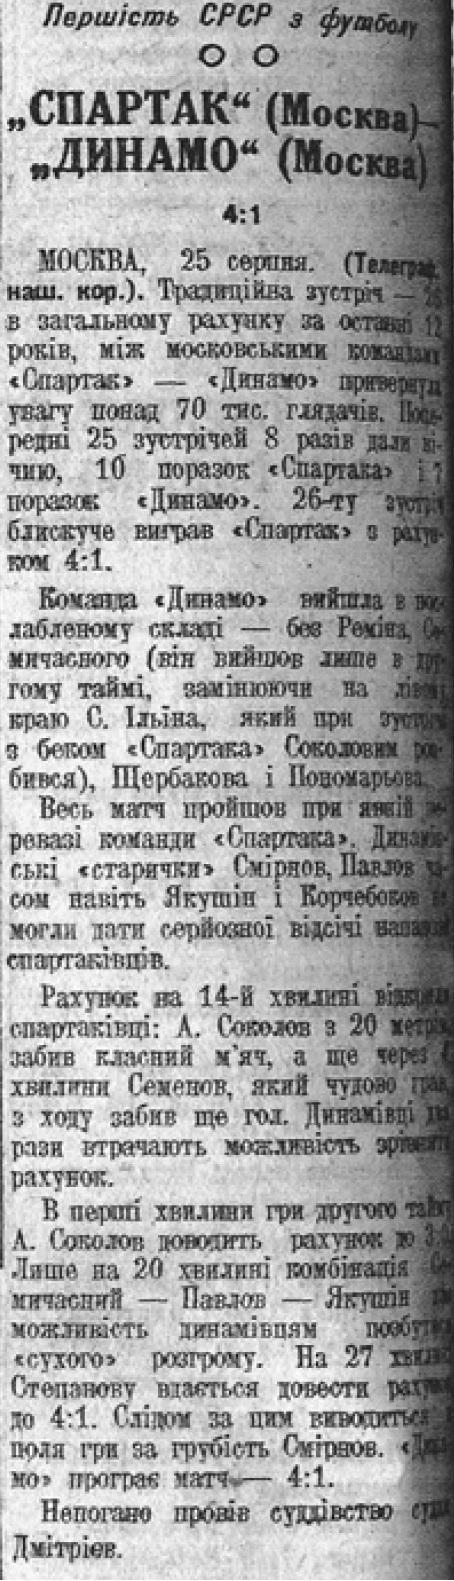 Динамо (Москва) - Спартак (Москва) 1:4